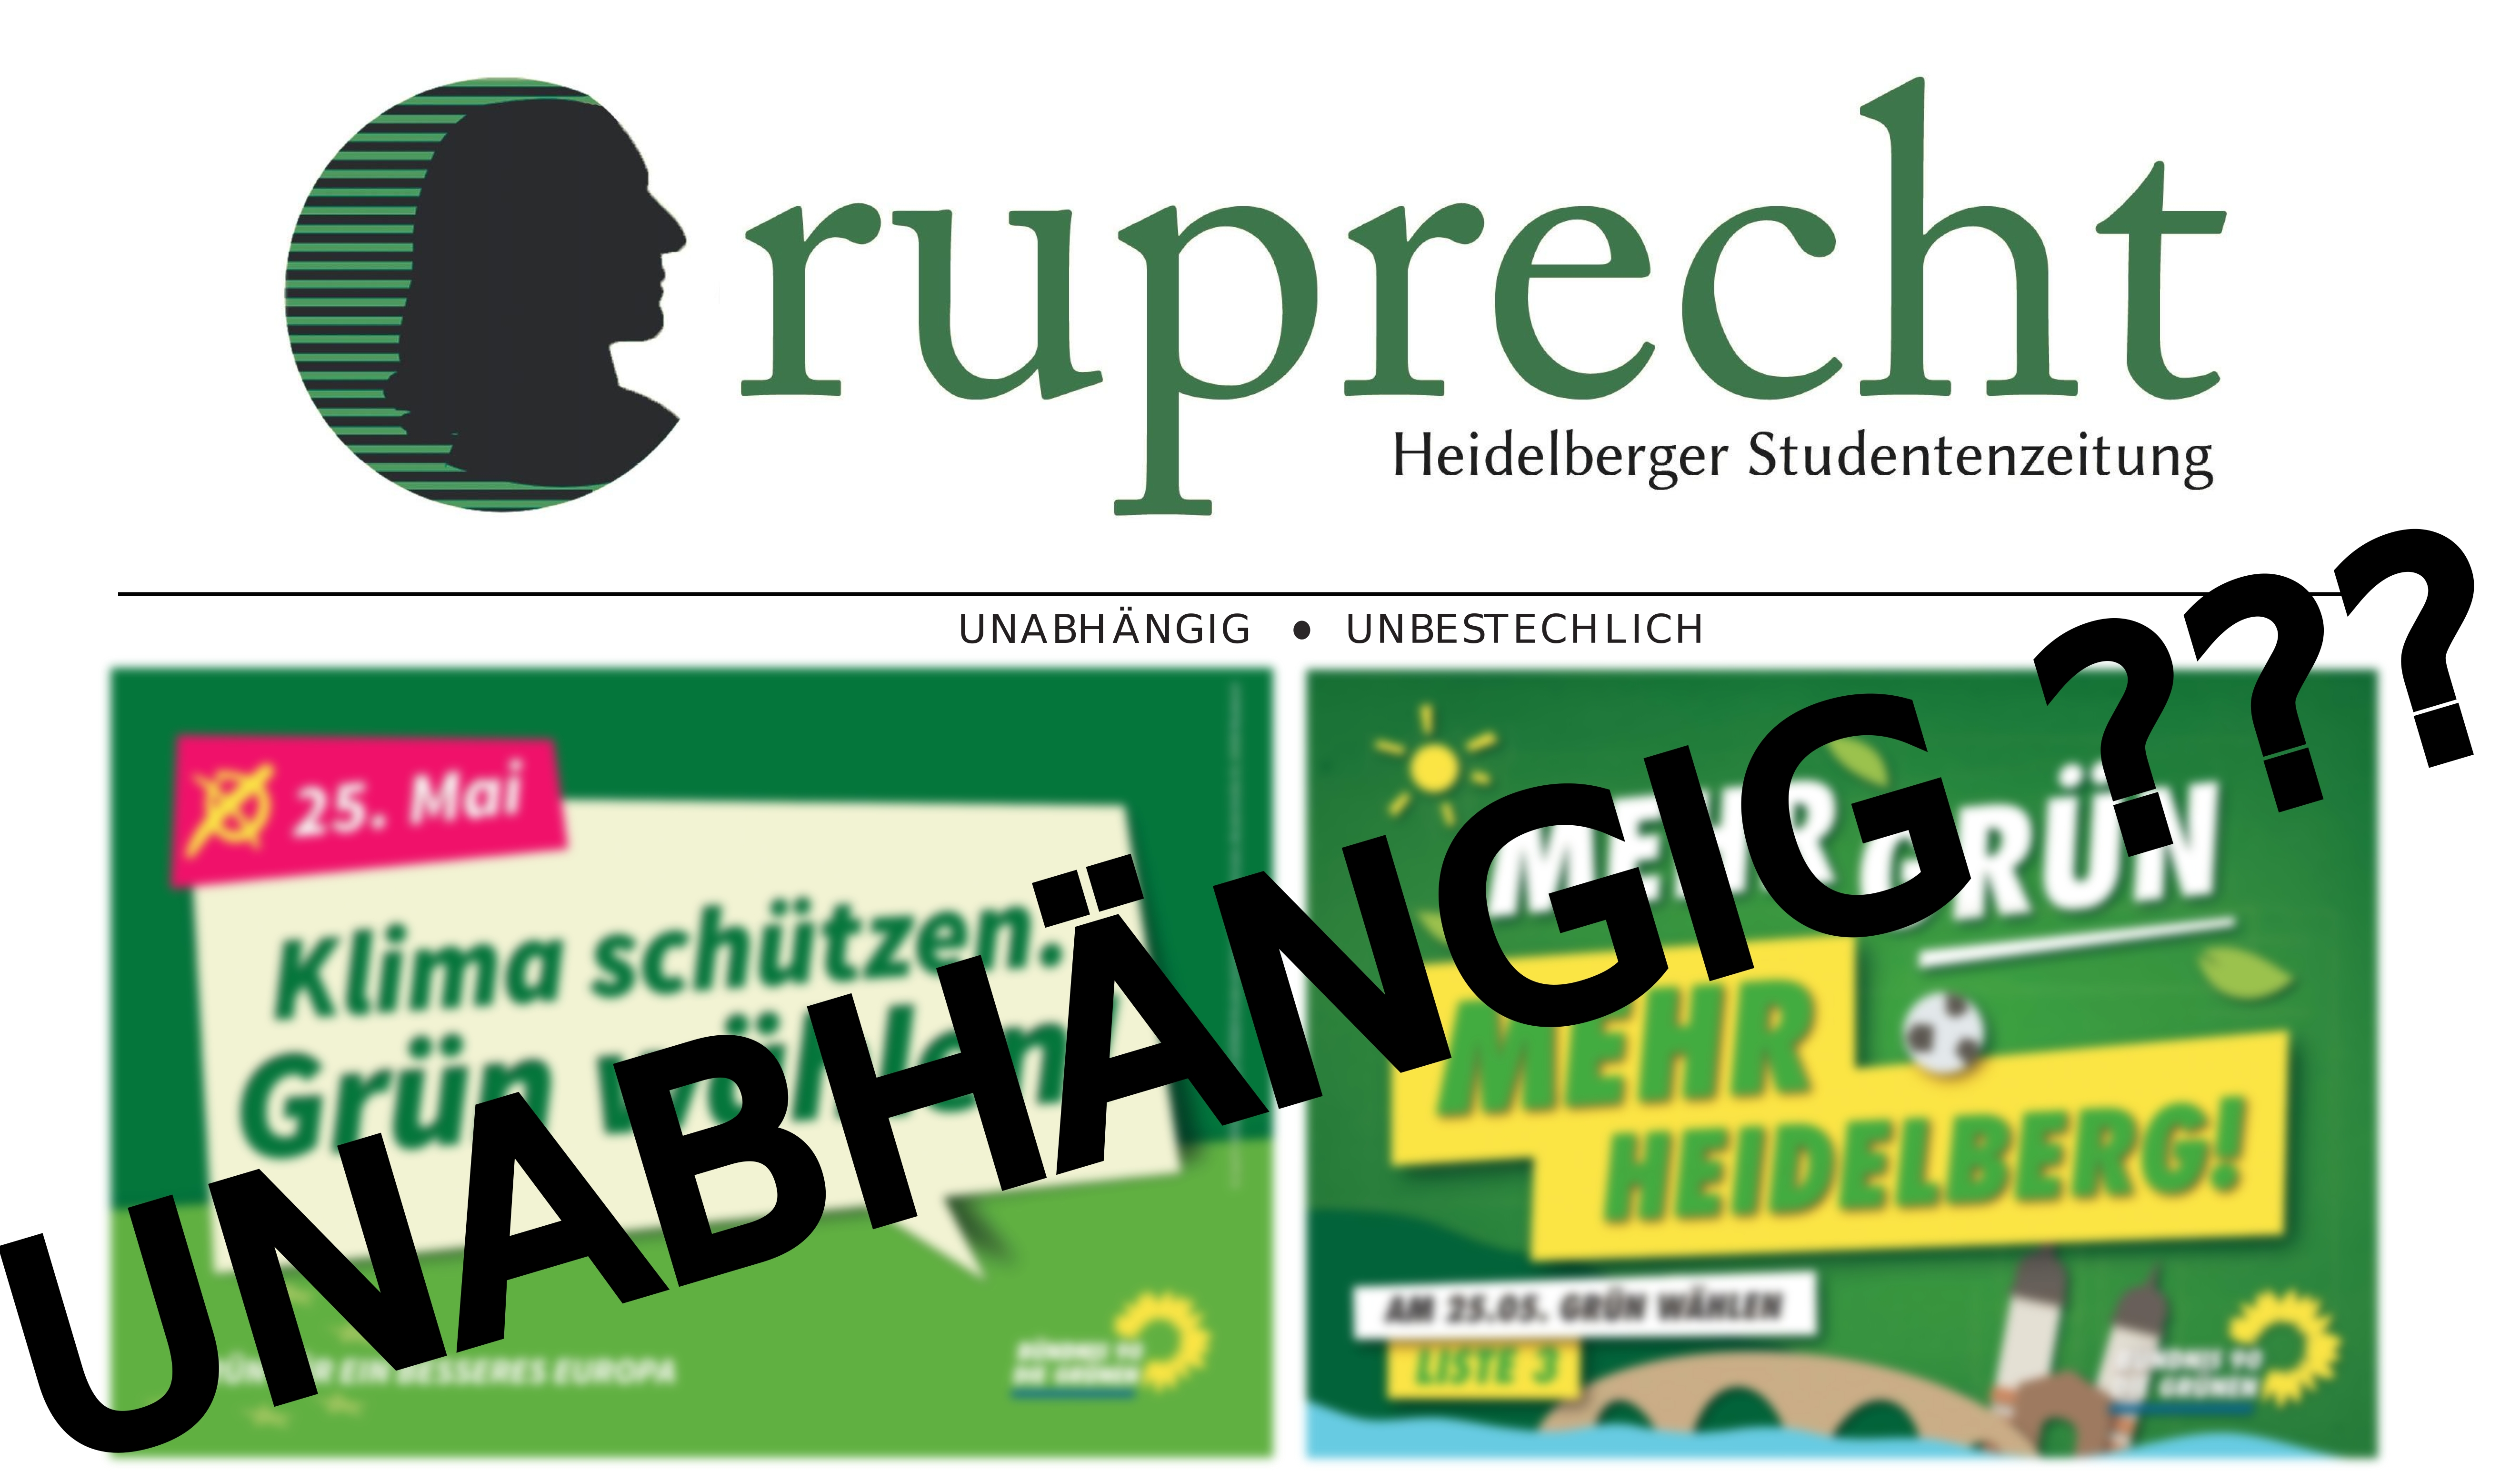 Ruprecht_1405